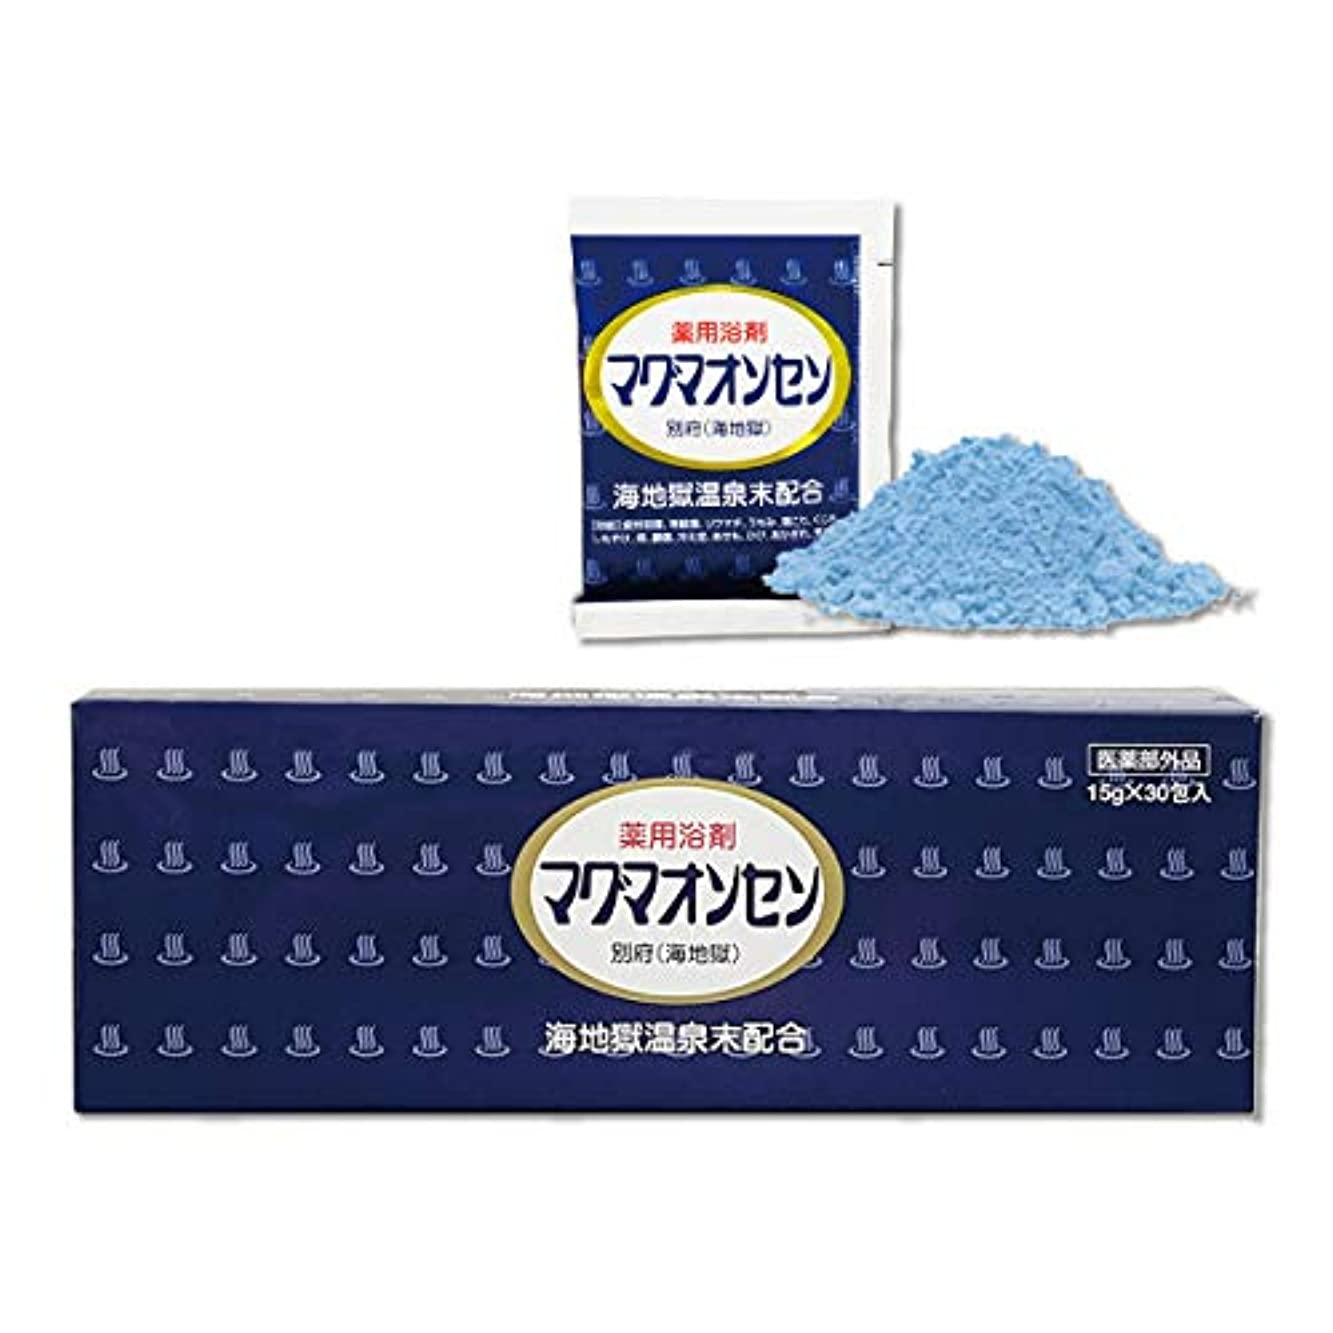 薬用浴剤 マグマオンセン 別府(海地獄)15g×30包入 (医薬部外品)